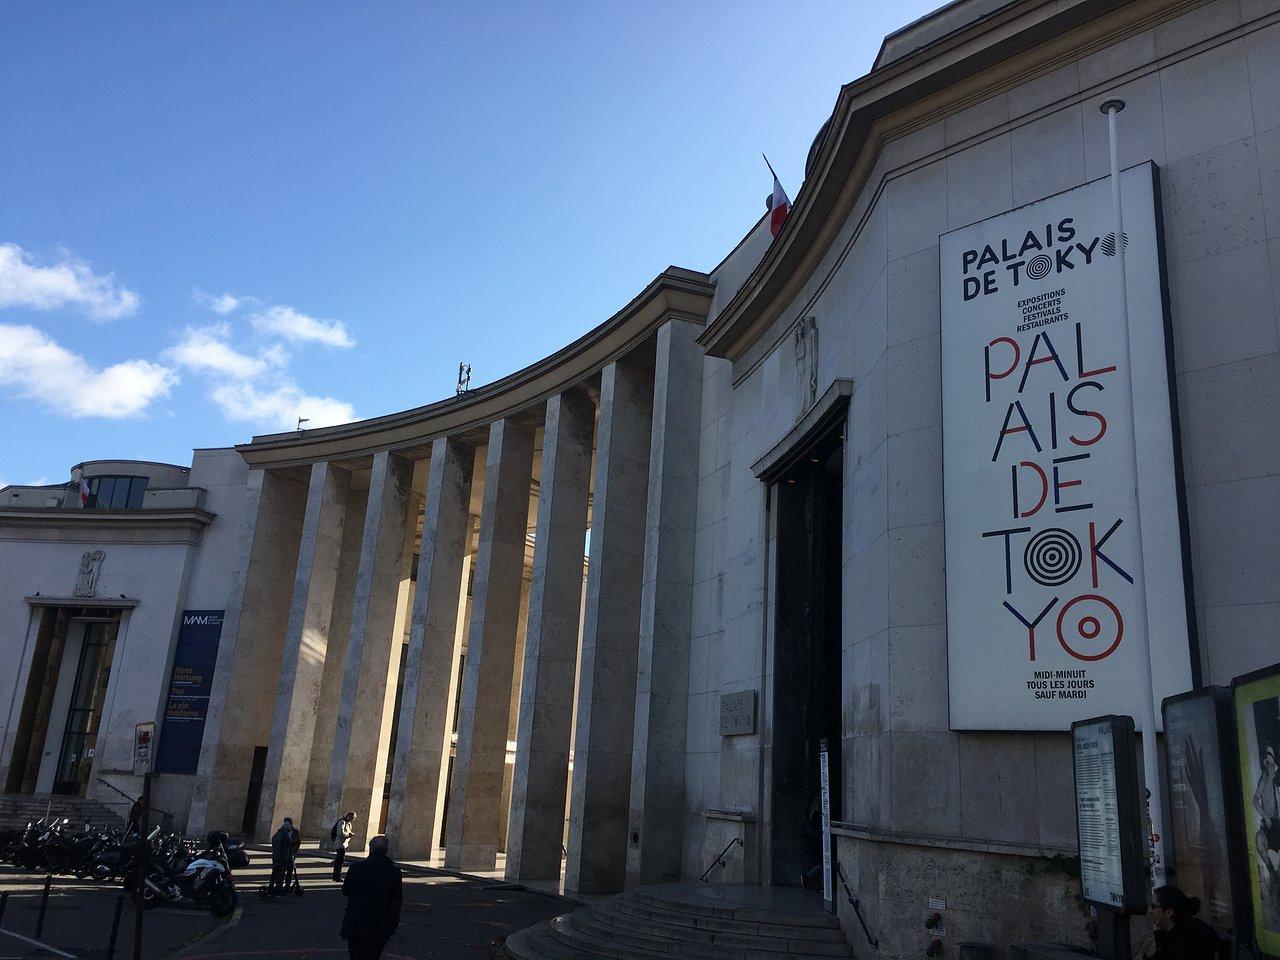 Palais De Tokyo Paris 2021 All You Need To Know Before You Go With Photos Tripadvisor